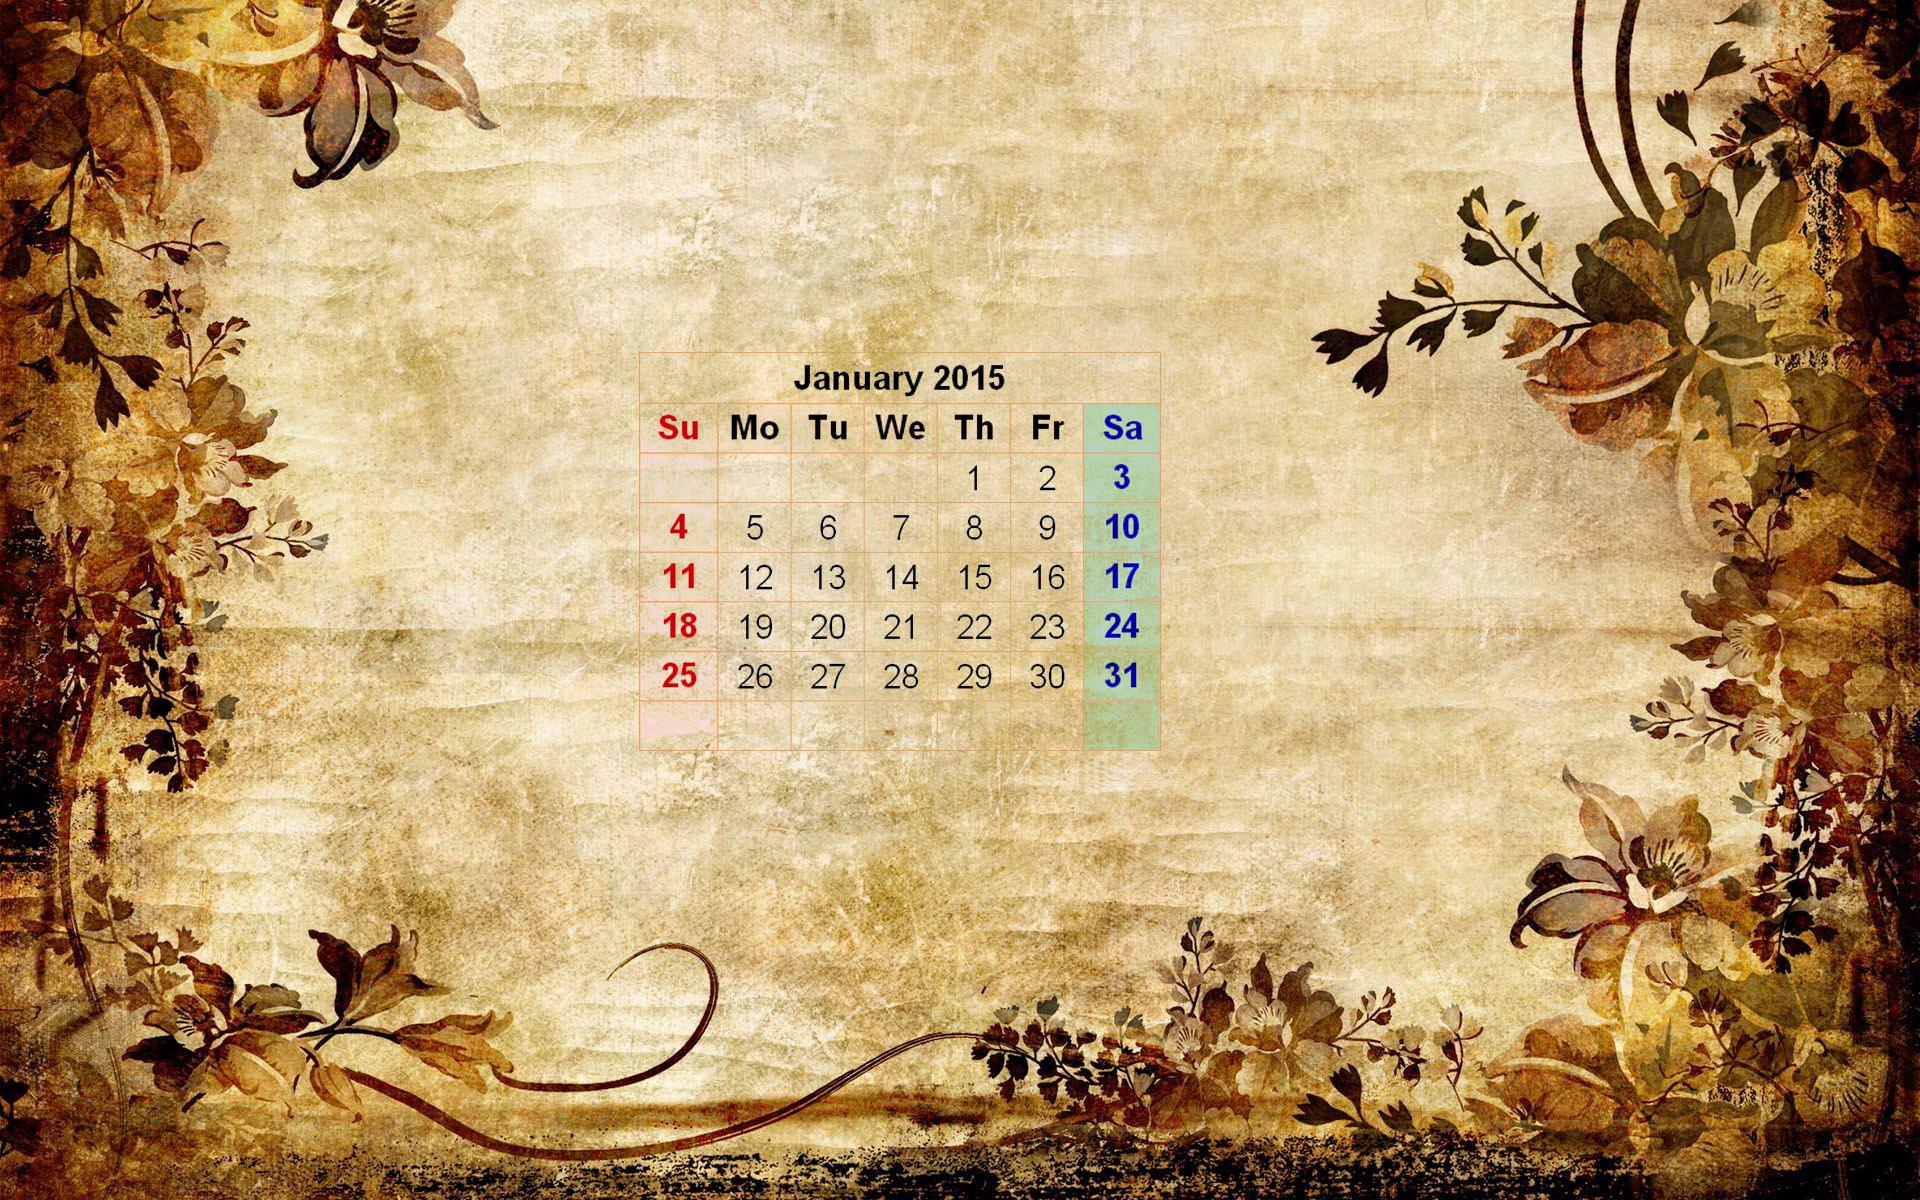 January 2015 Wallpaper Calendar New Calendar Template Site 1920x1200